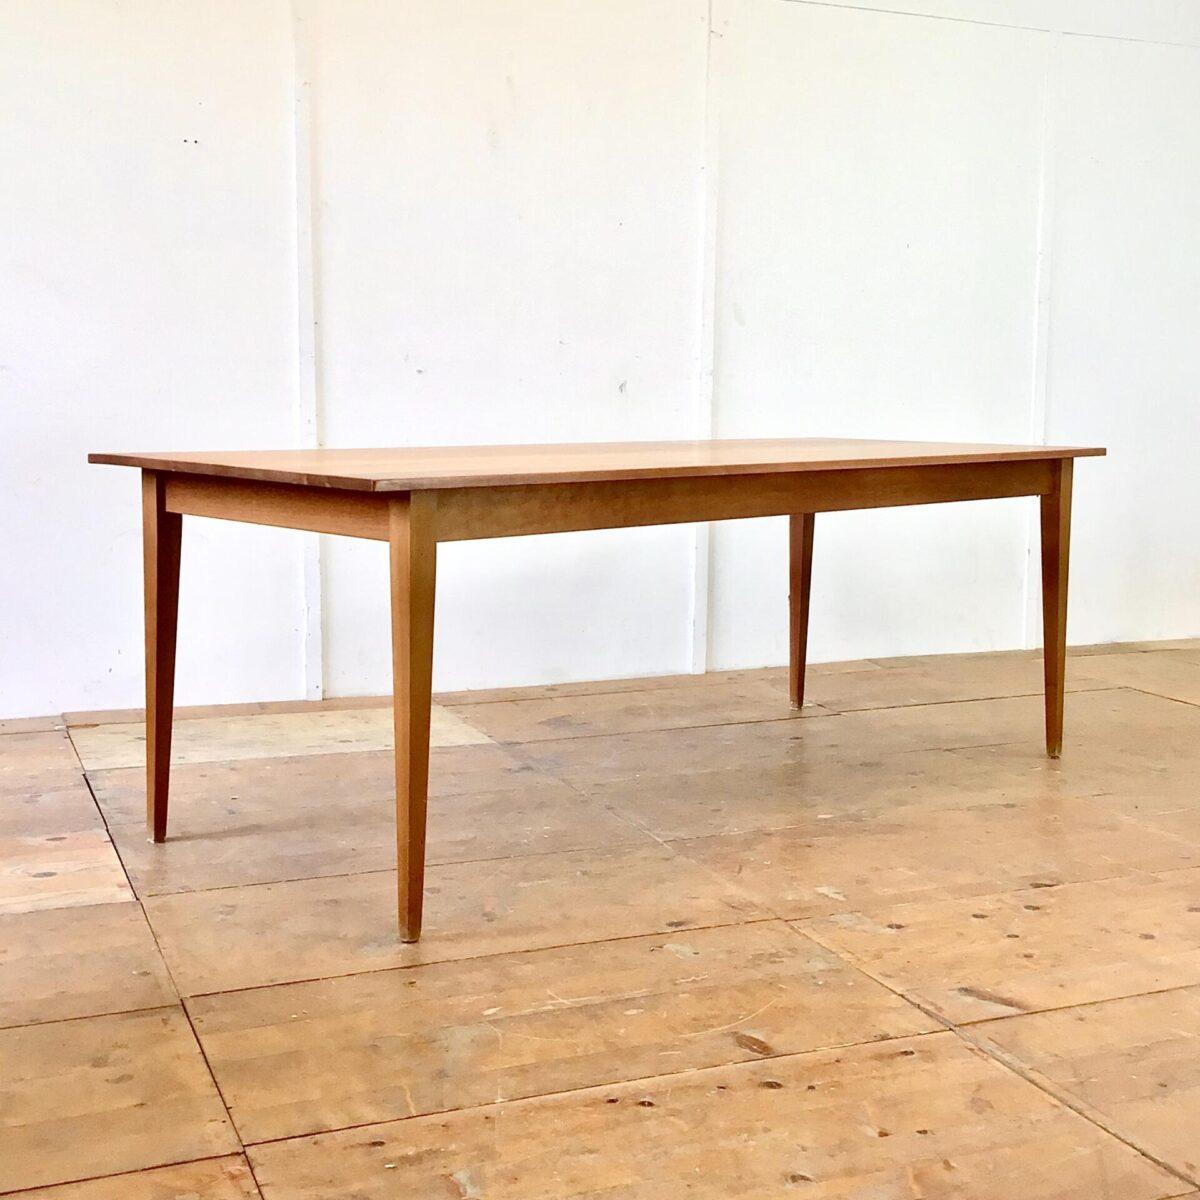 Deuxieme.shop Feingliedriger Esstisch aus Kirschbaum Vollholz. 220x90cm Höhe 76cm. Dieser klassische Holztisch ist ca. 20 jährig und wurde im Biedermeier Stil nachproduziert. Der Tisch ist frisch aufbereitet und mit Naturöl behandelt. Es finden 8-10 Personen daran Platz.